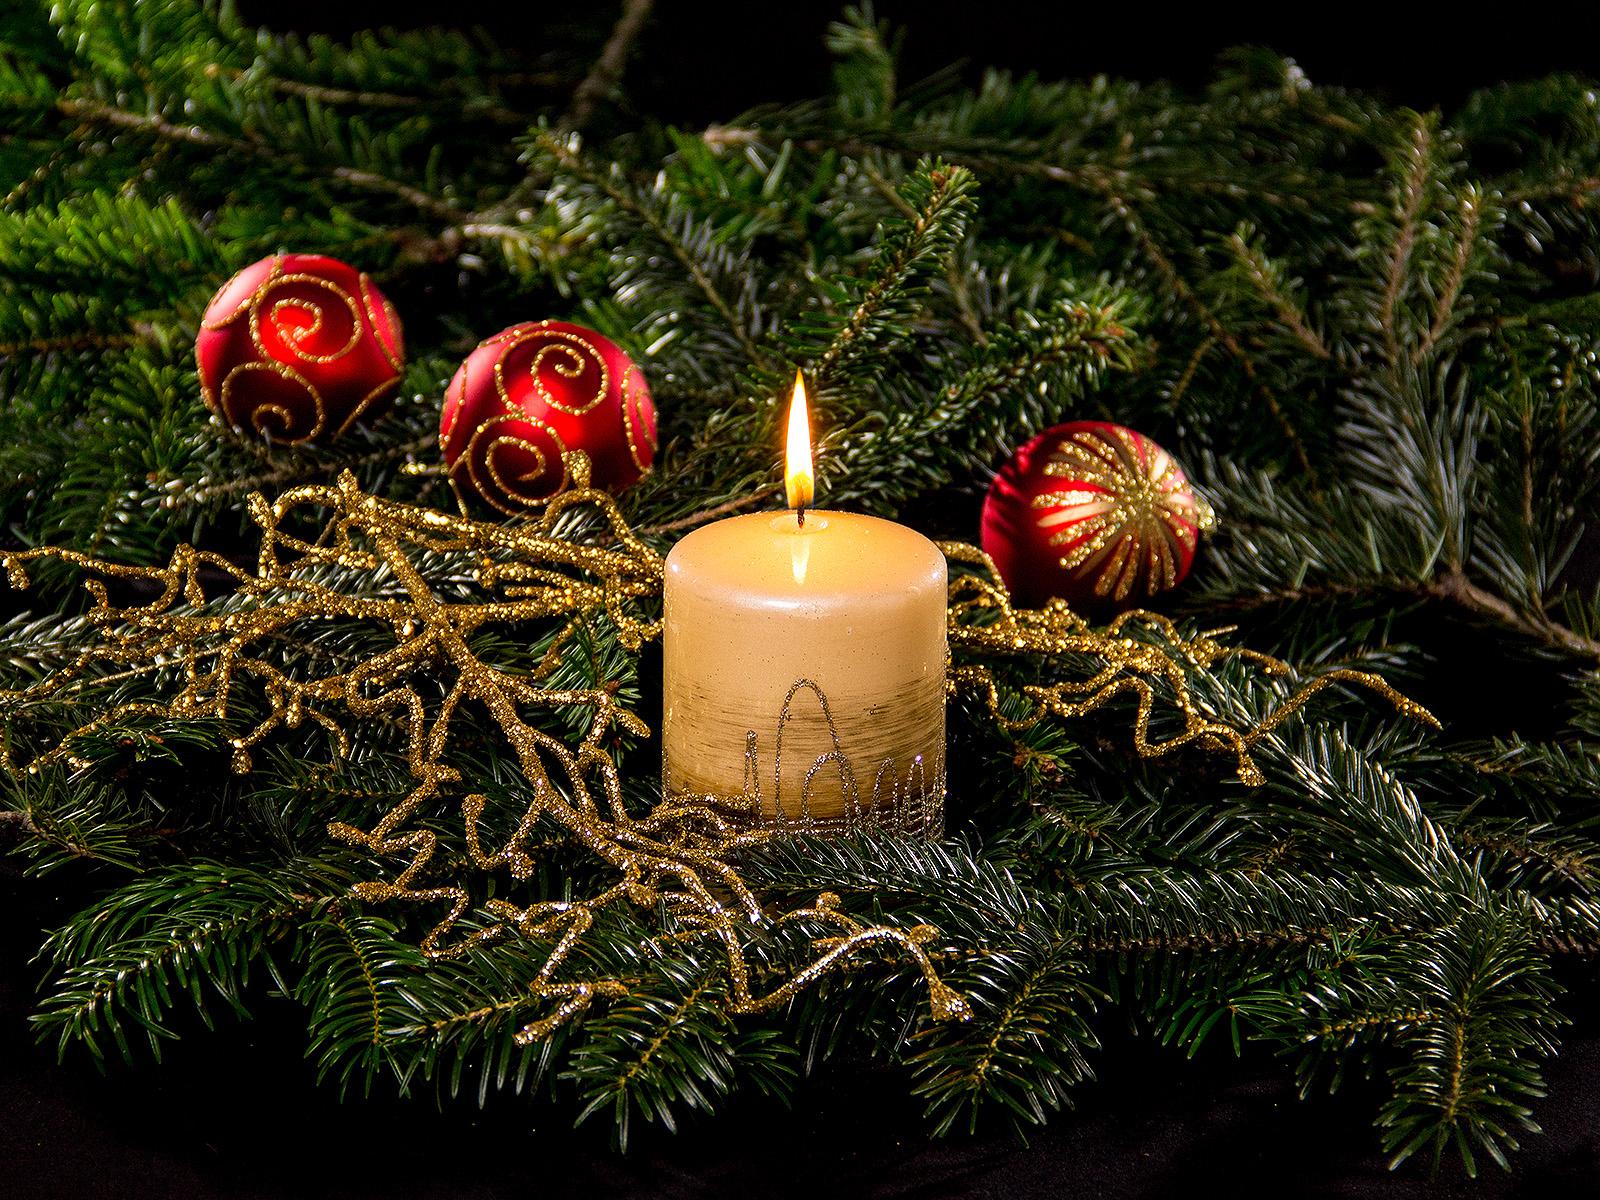 Frohe Weihnachten – Hintergrundbilder Kostenlos verwandt mit Adventsbilder Kostenlos Herunterladen